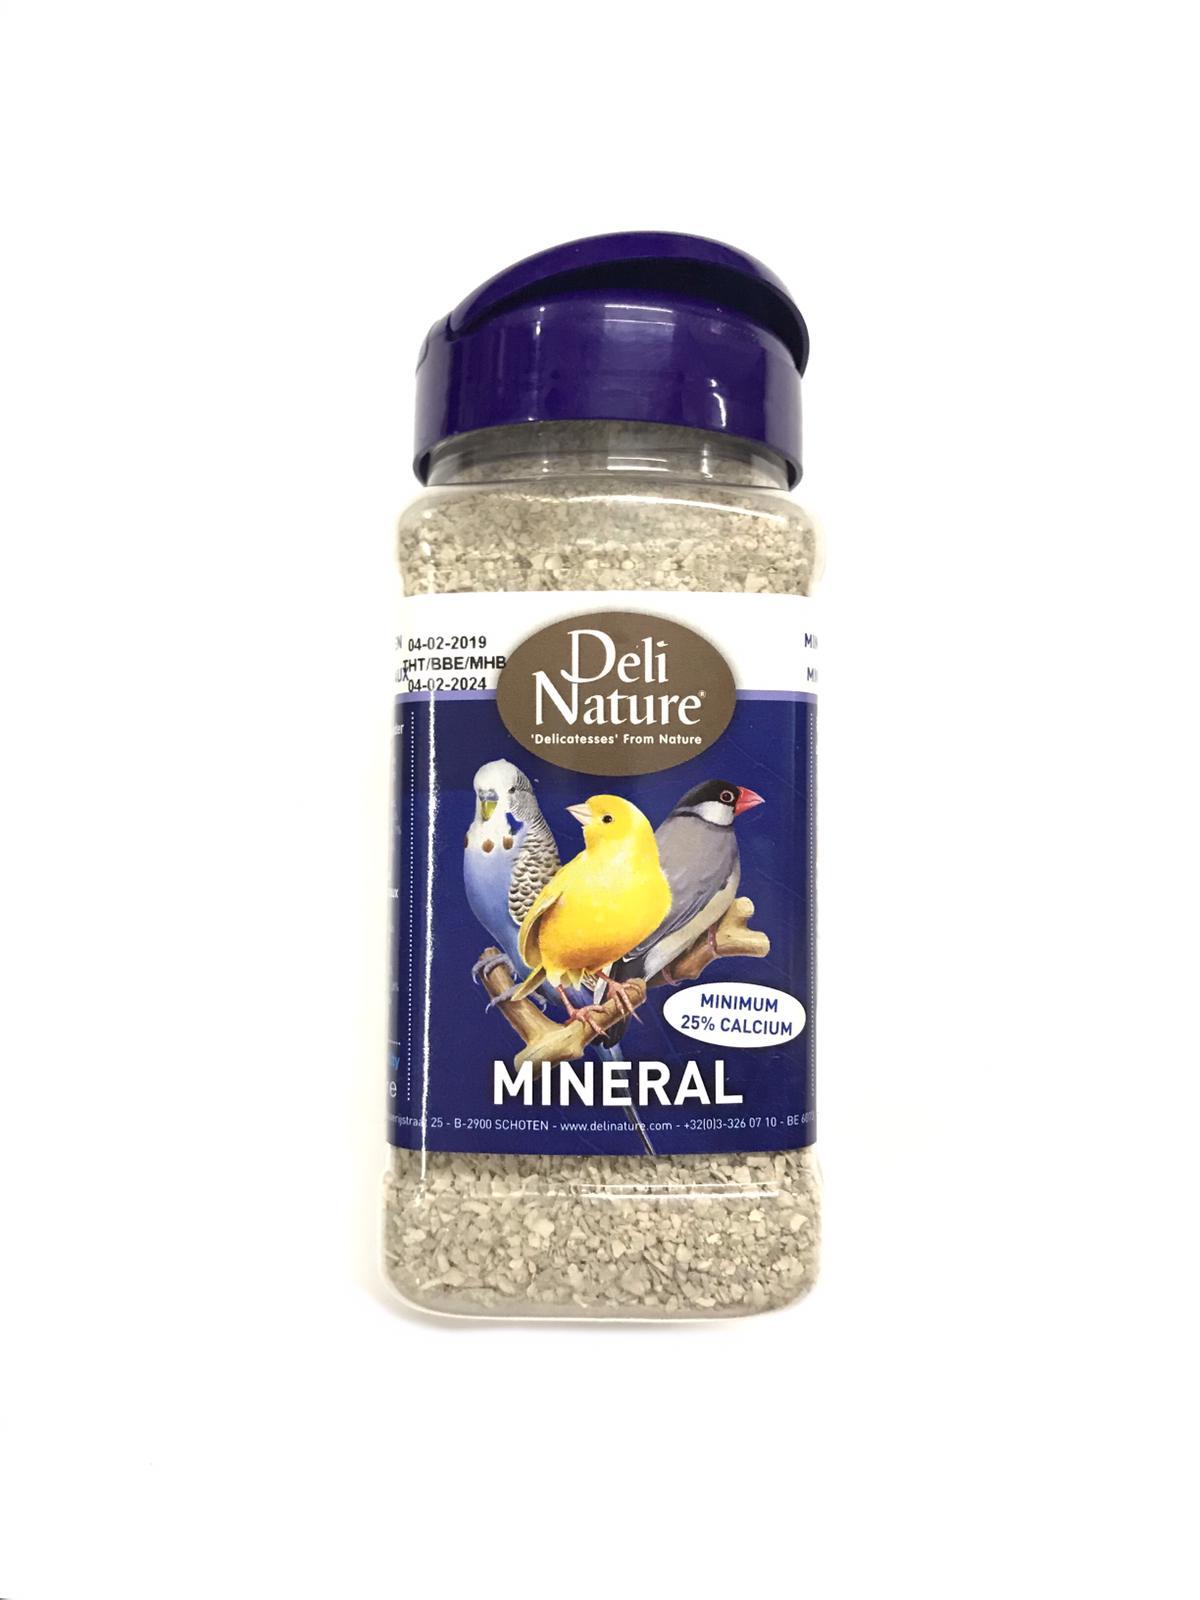 Deli Nature Mineral